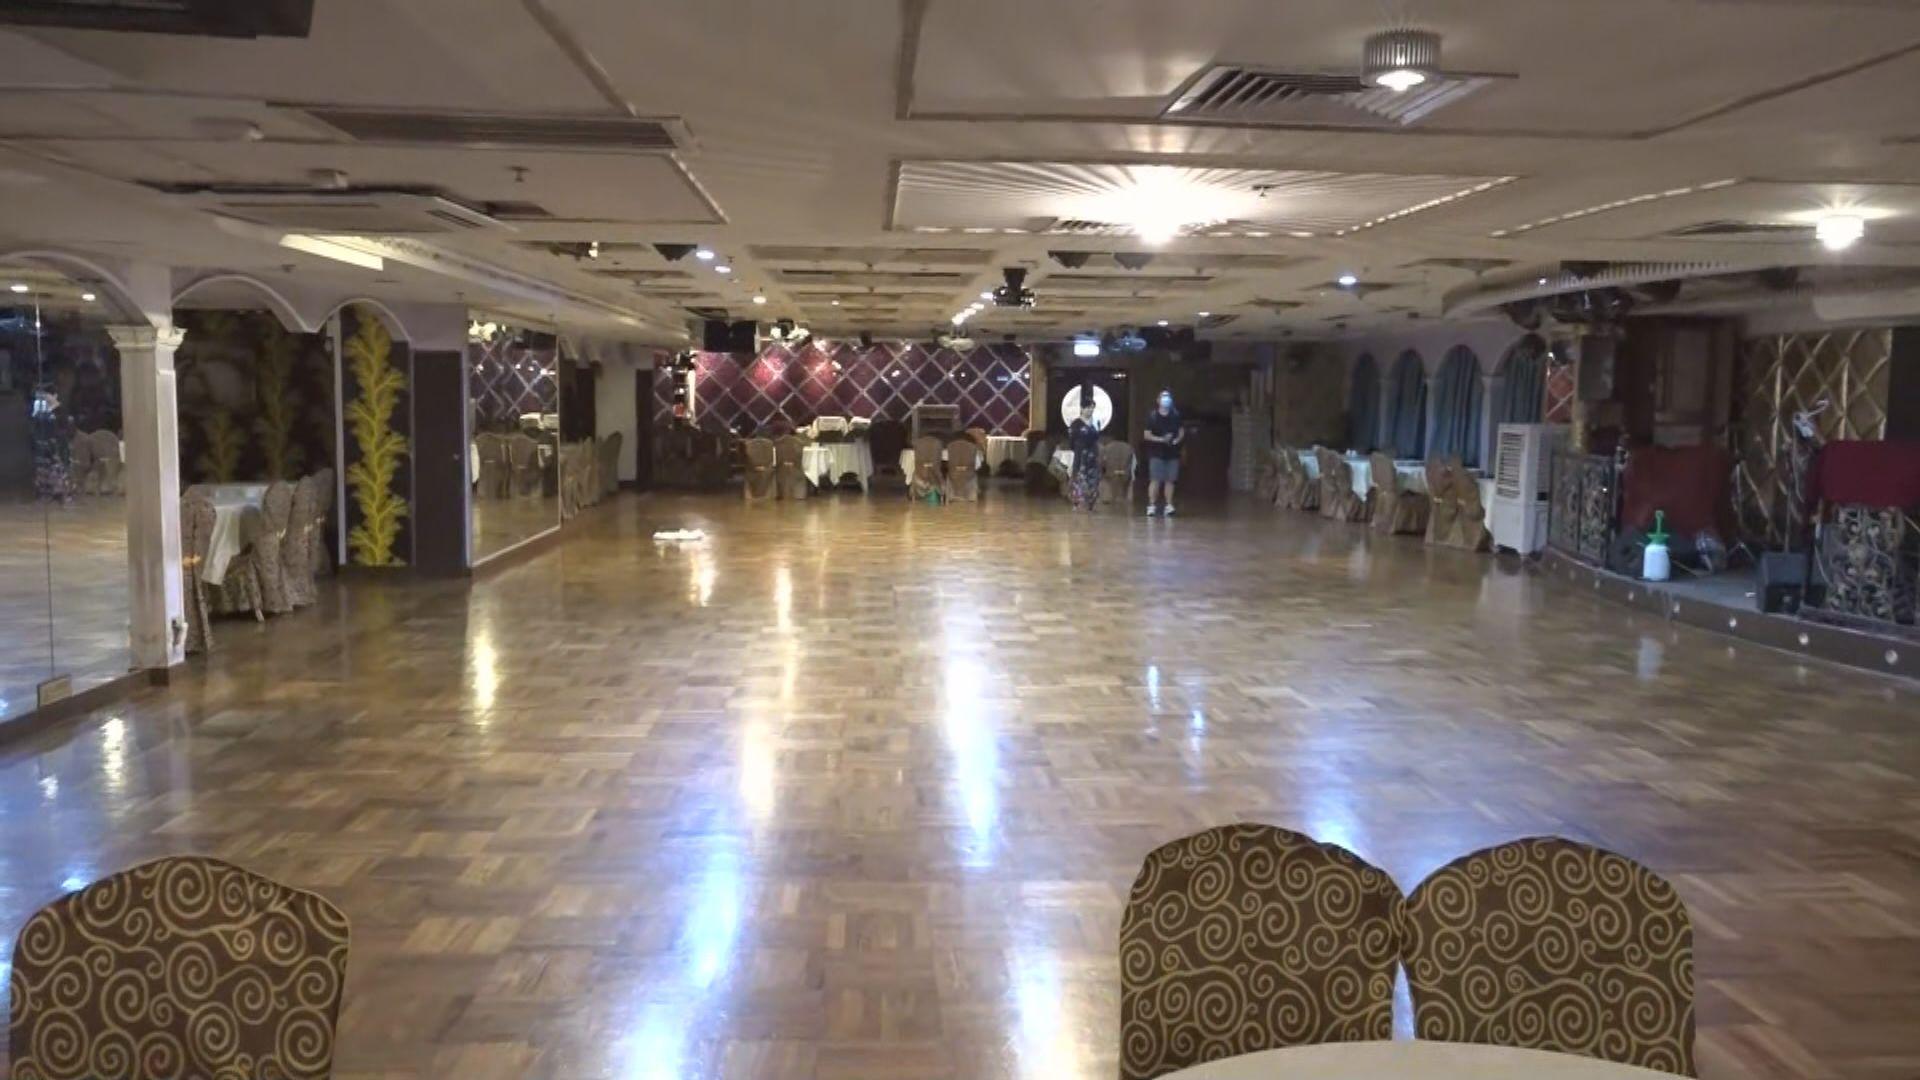 有歌舞群組患者曾租用社區中心跳舞 防護中心指或擴大強制檢測範圍